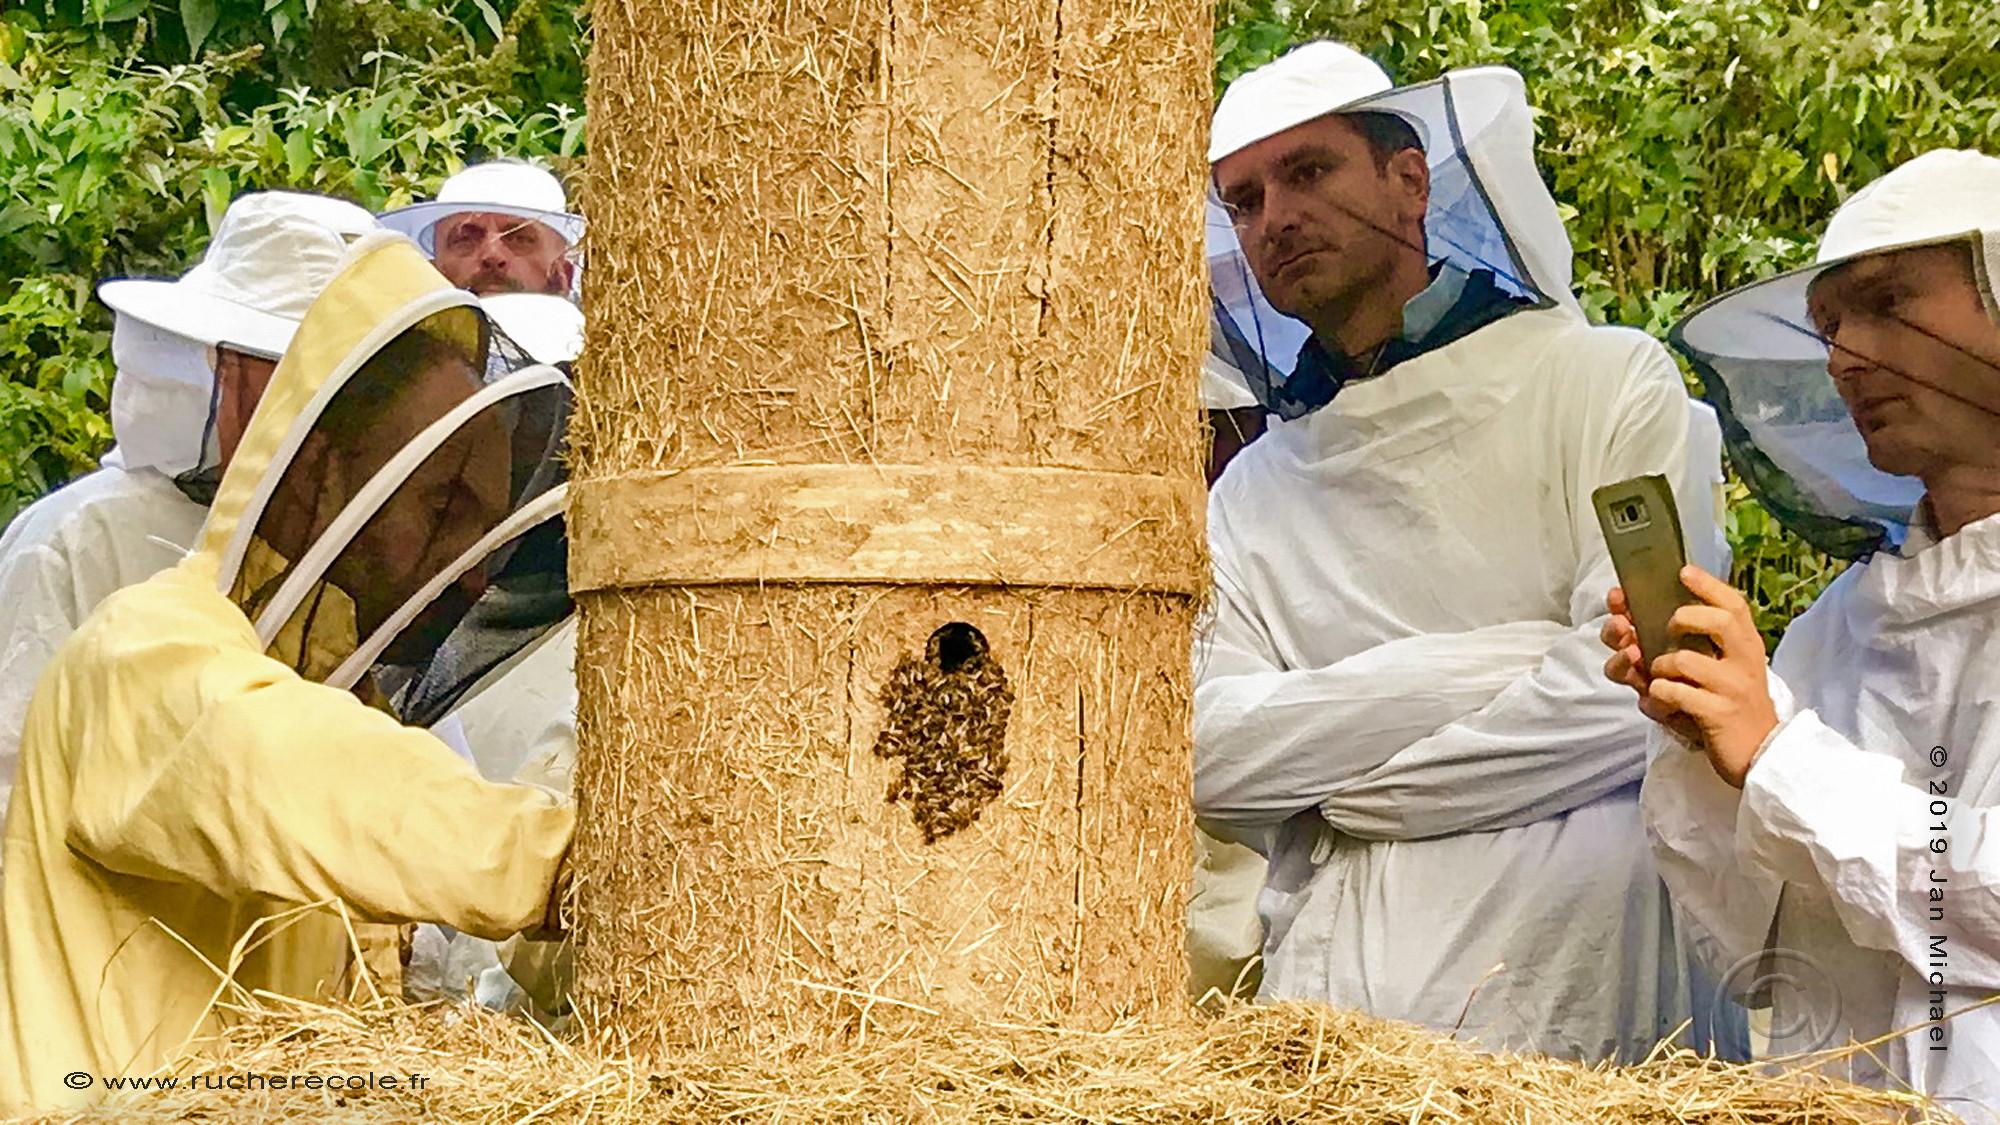 C'est en bonne compagnie que Jan, fondateur du rucher-école, s'est initié à la fabrication de ruches alternativ...